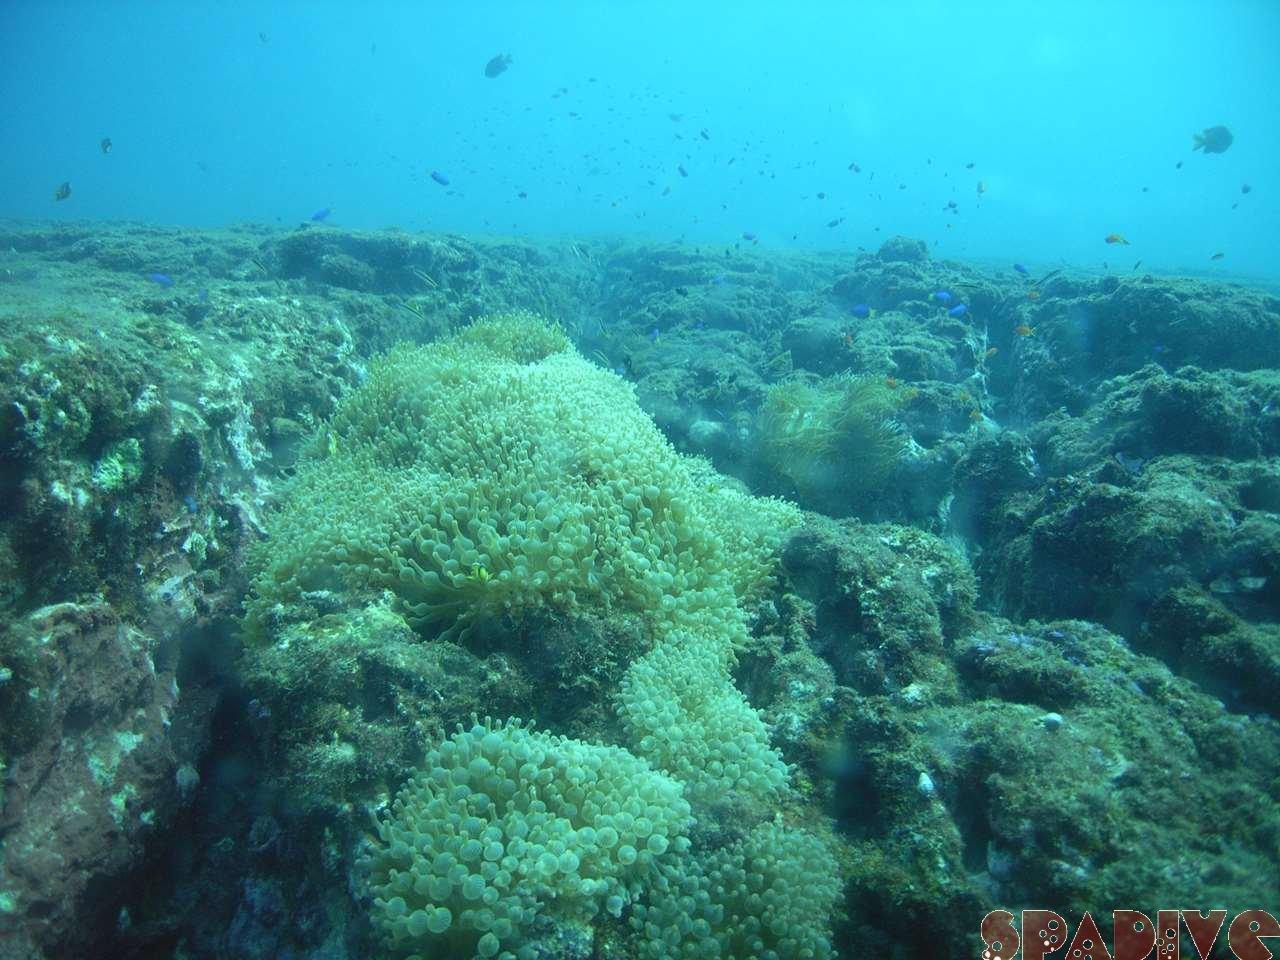 2007年11月撮影海フォトギャラリー|南紀白浜スパダイブ